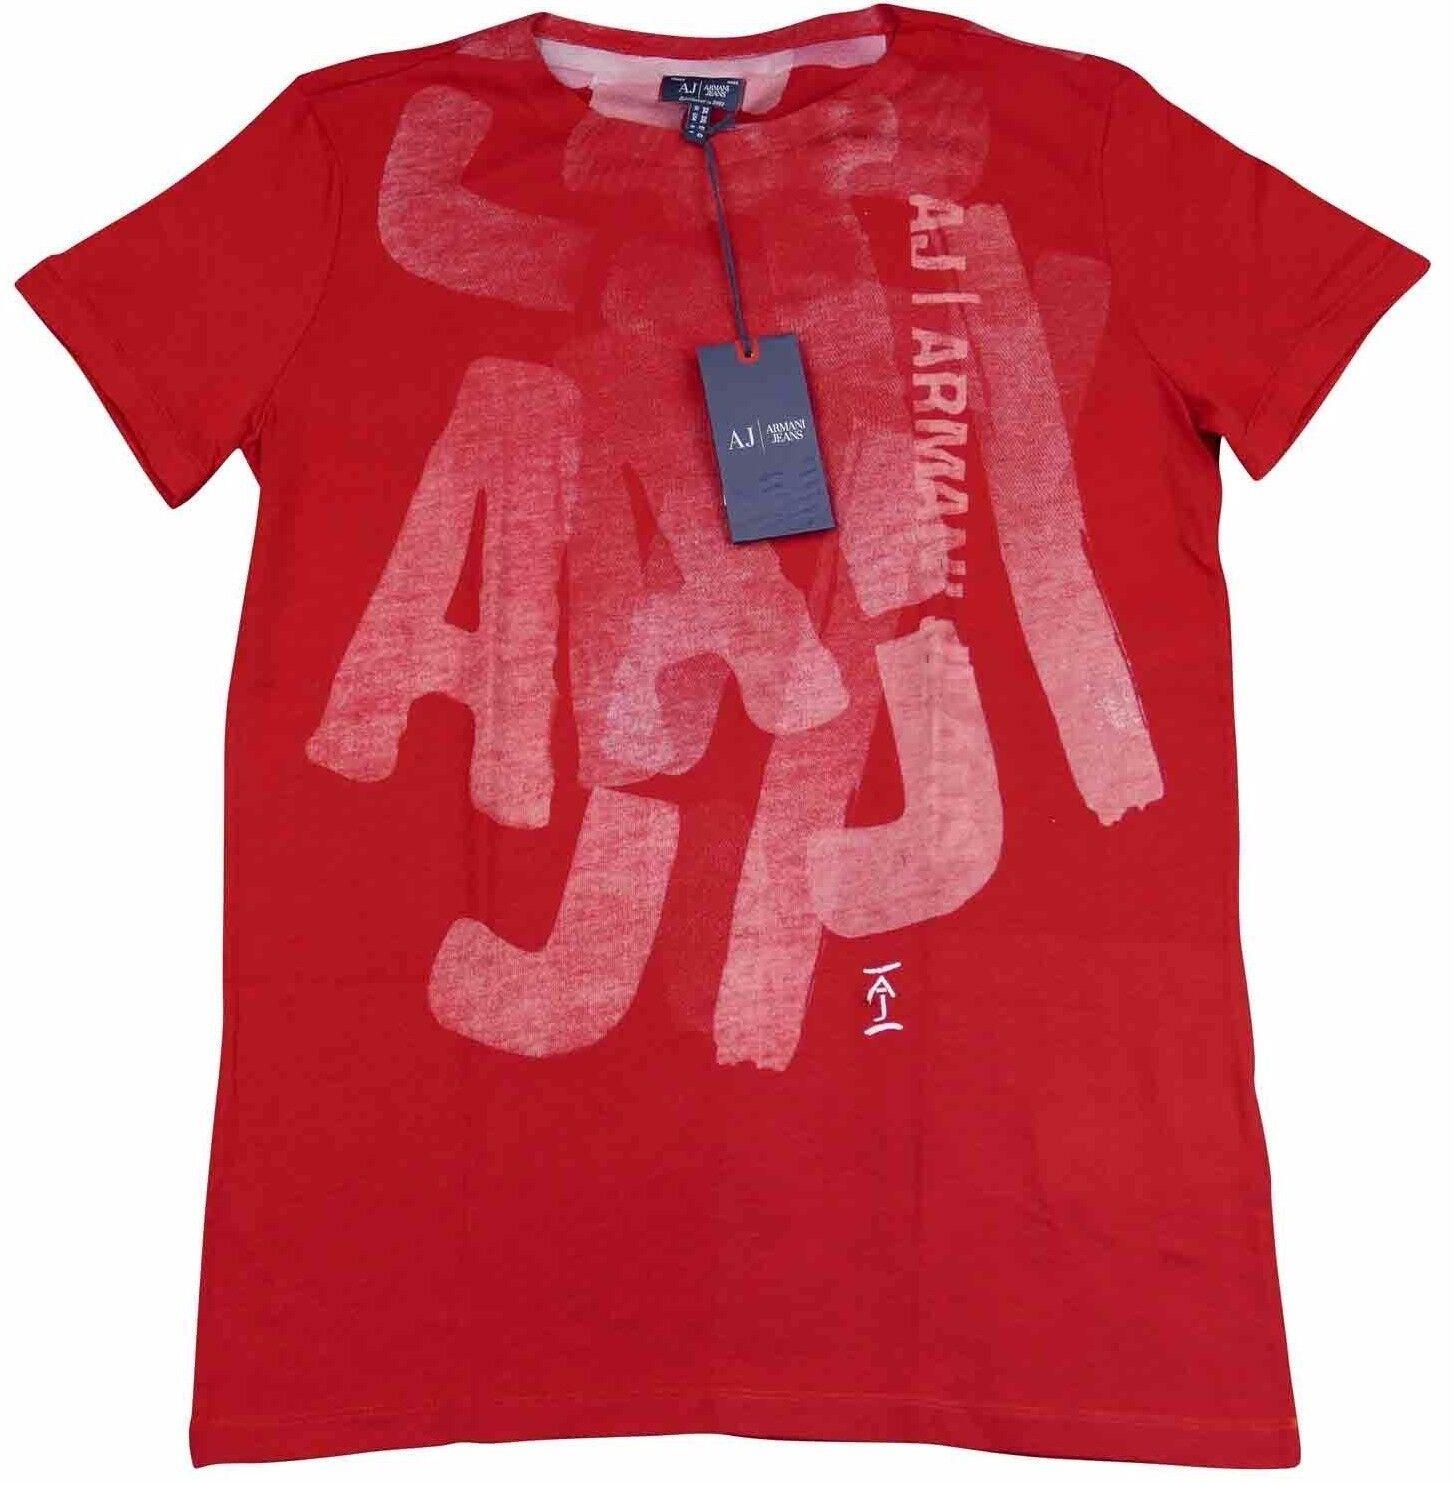 Armani Jeans Herren Rot Weiß Groß Aj Logo H/S T-Shirt - Sz XXL & Neu mit Etikett